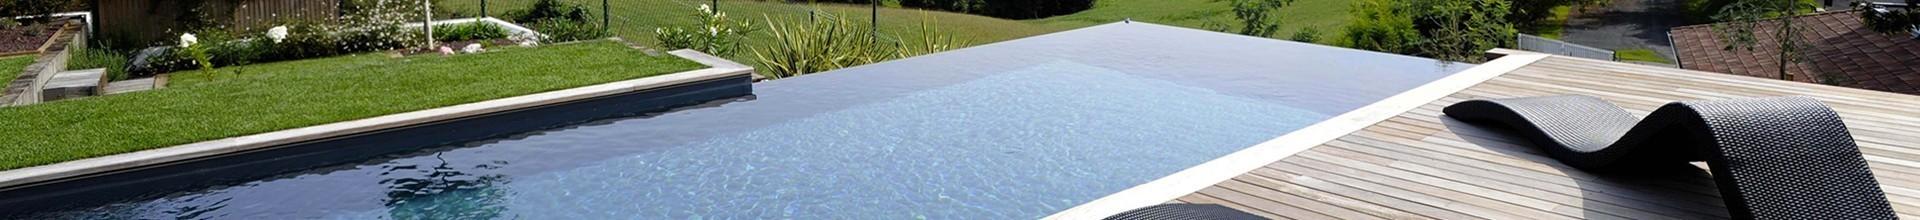 ✅ Rhône Alpes Kit piscine béton Drôme. Fabricant d'une piscine